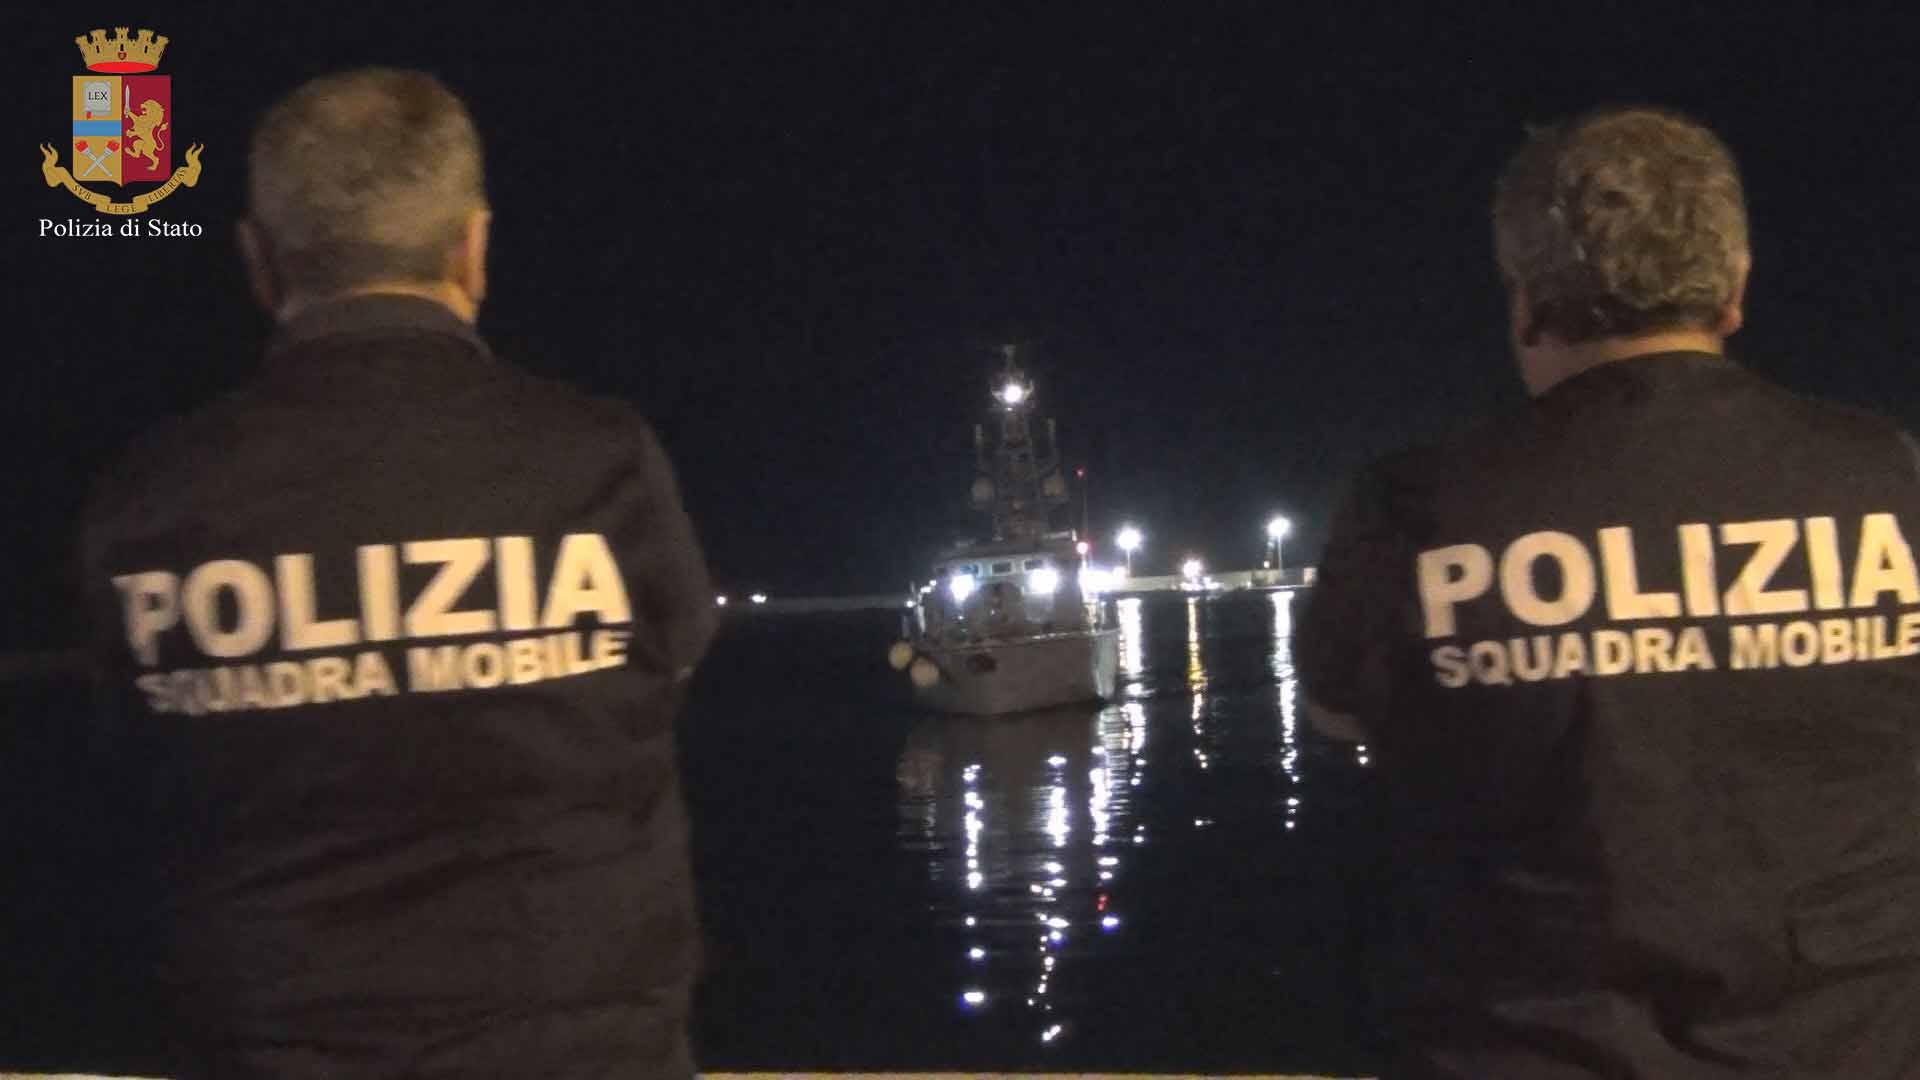 Migranti all'Hotspot di Pozzallo, fermati quattro presunti scafisti